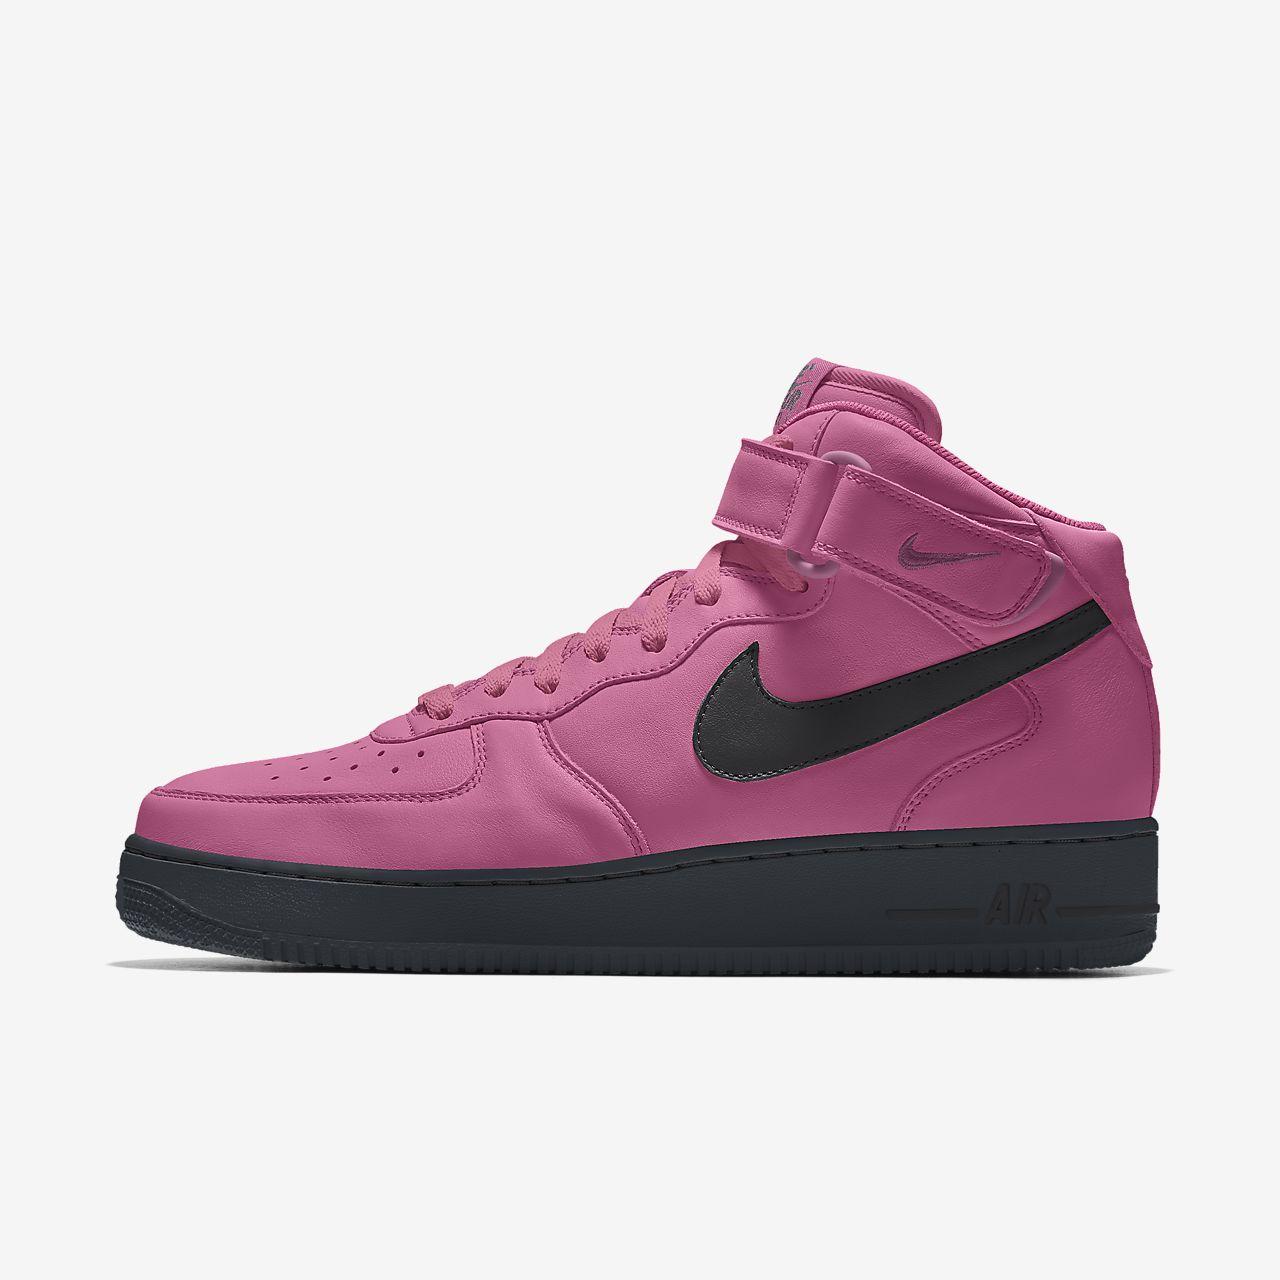 Nike Air Force 1 rose custom in 2020 | Custom shoes, Nike